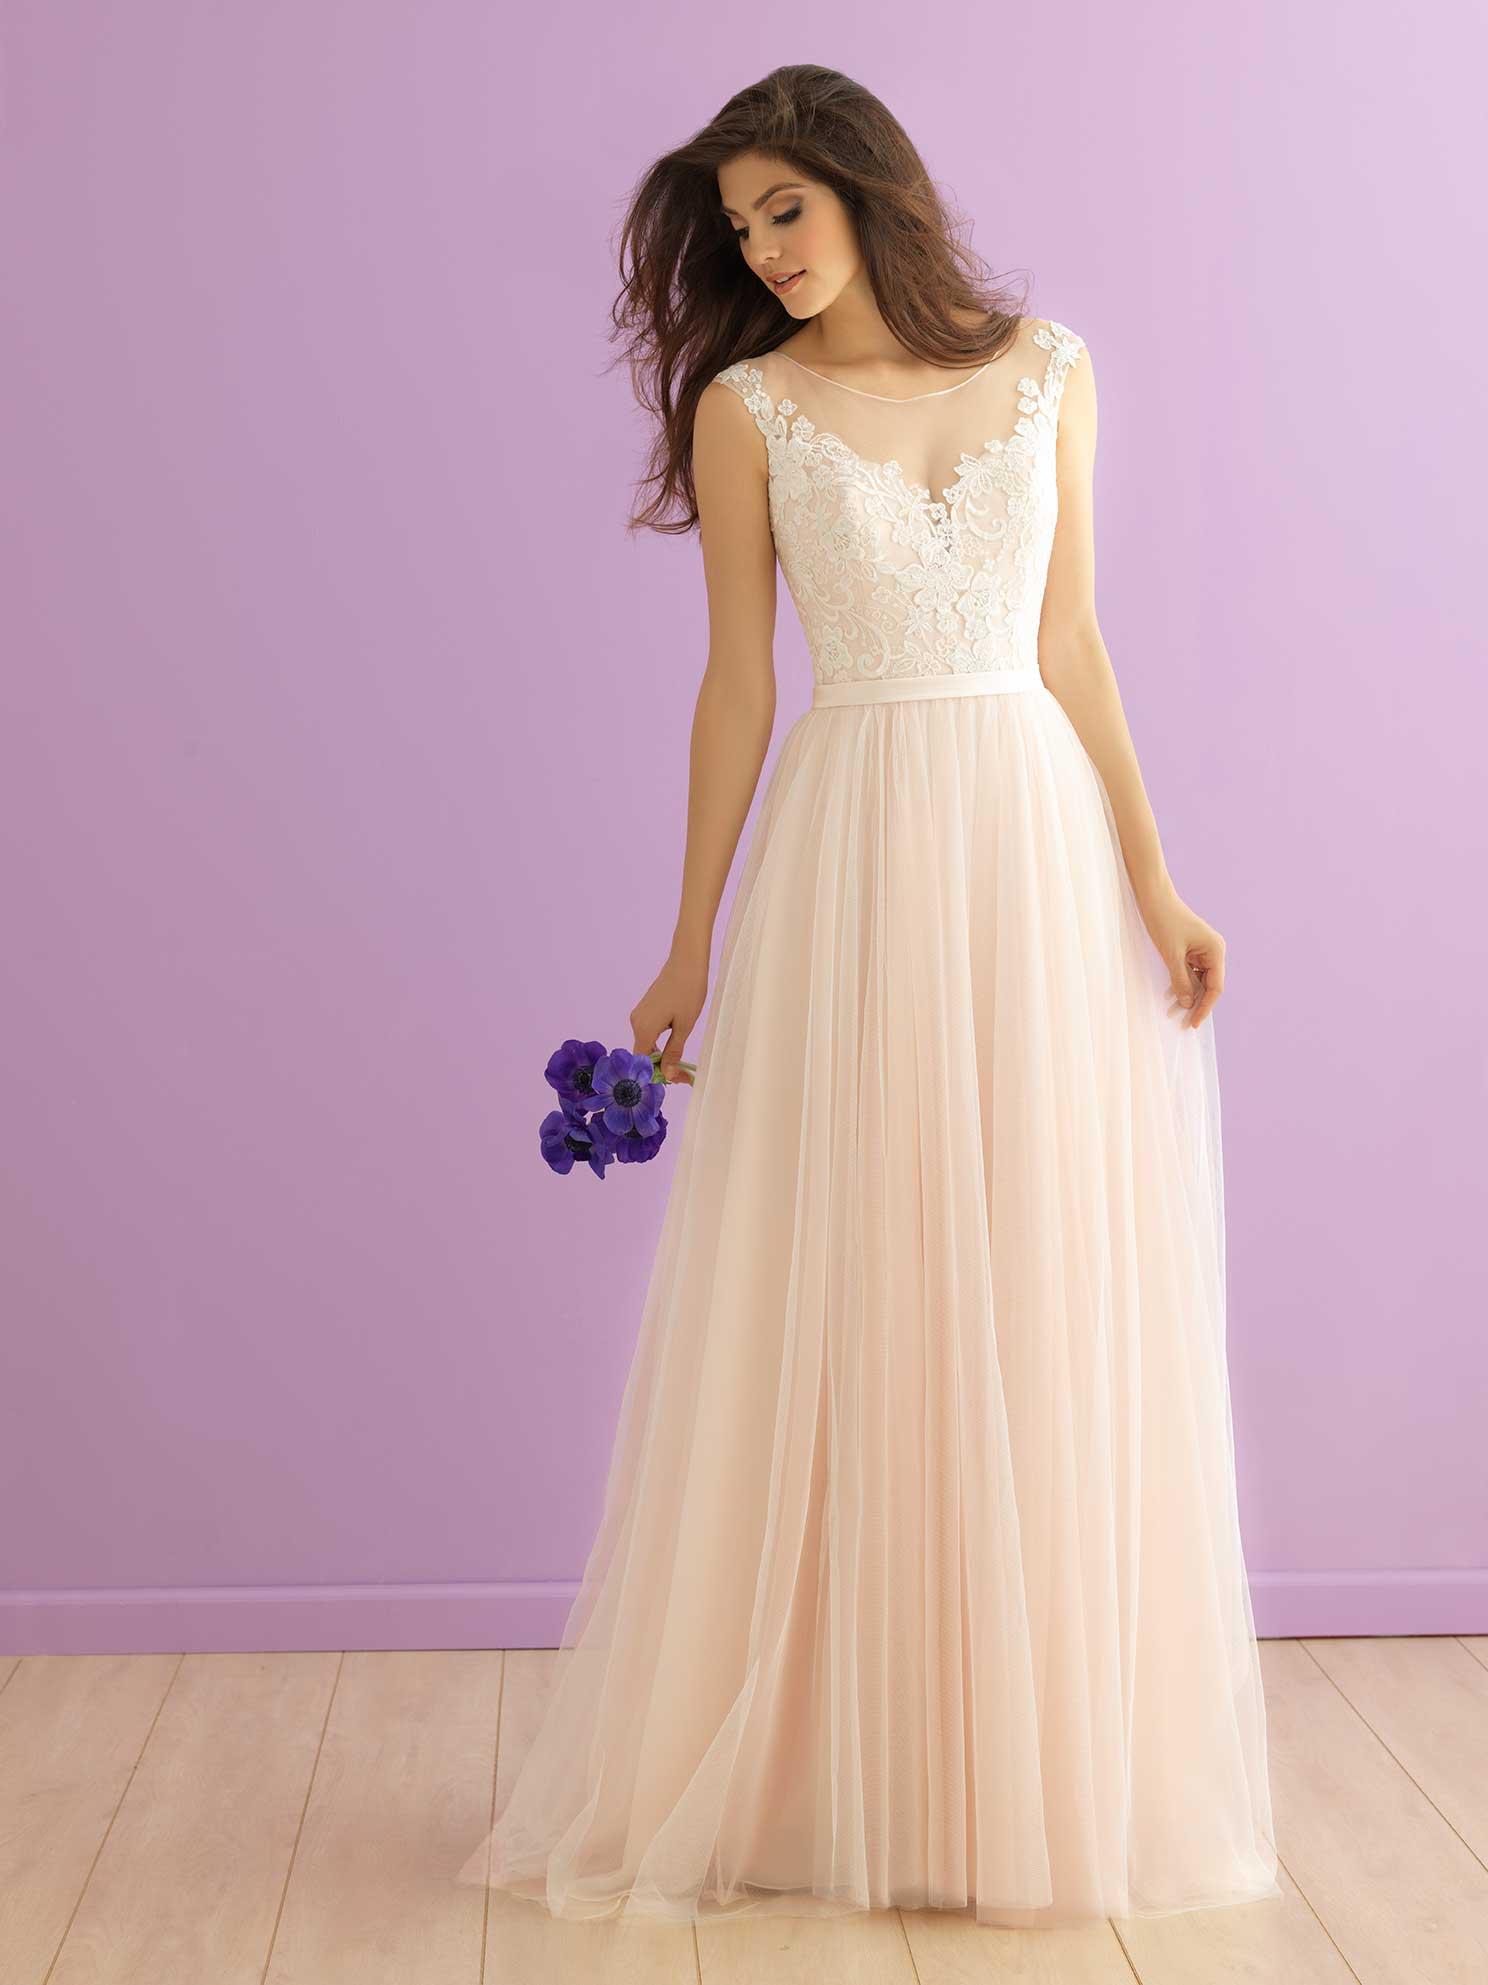 a4e6e11ff Wedding Dresses | Bridal & Bridesmaid, Formal Gowns | Allure Bridals